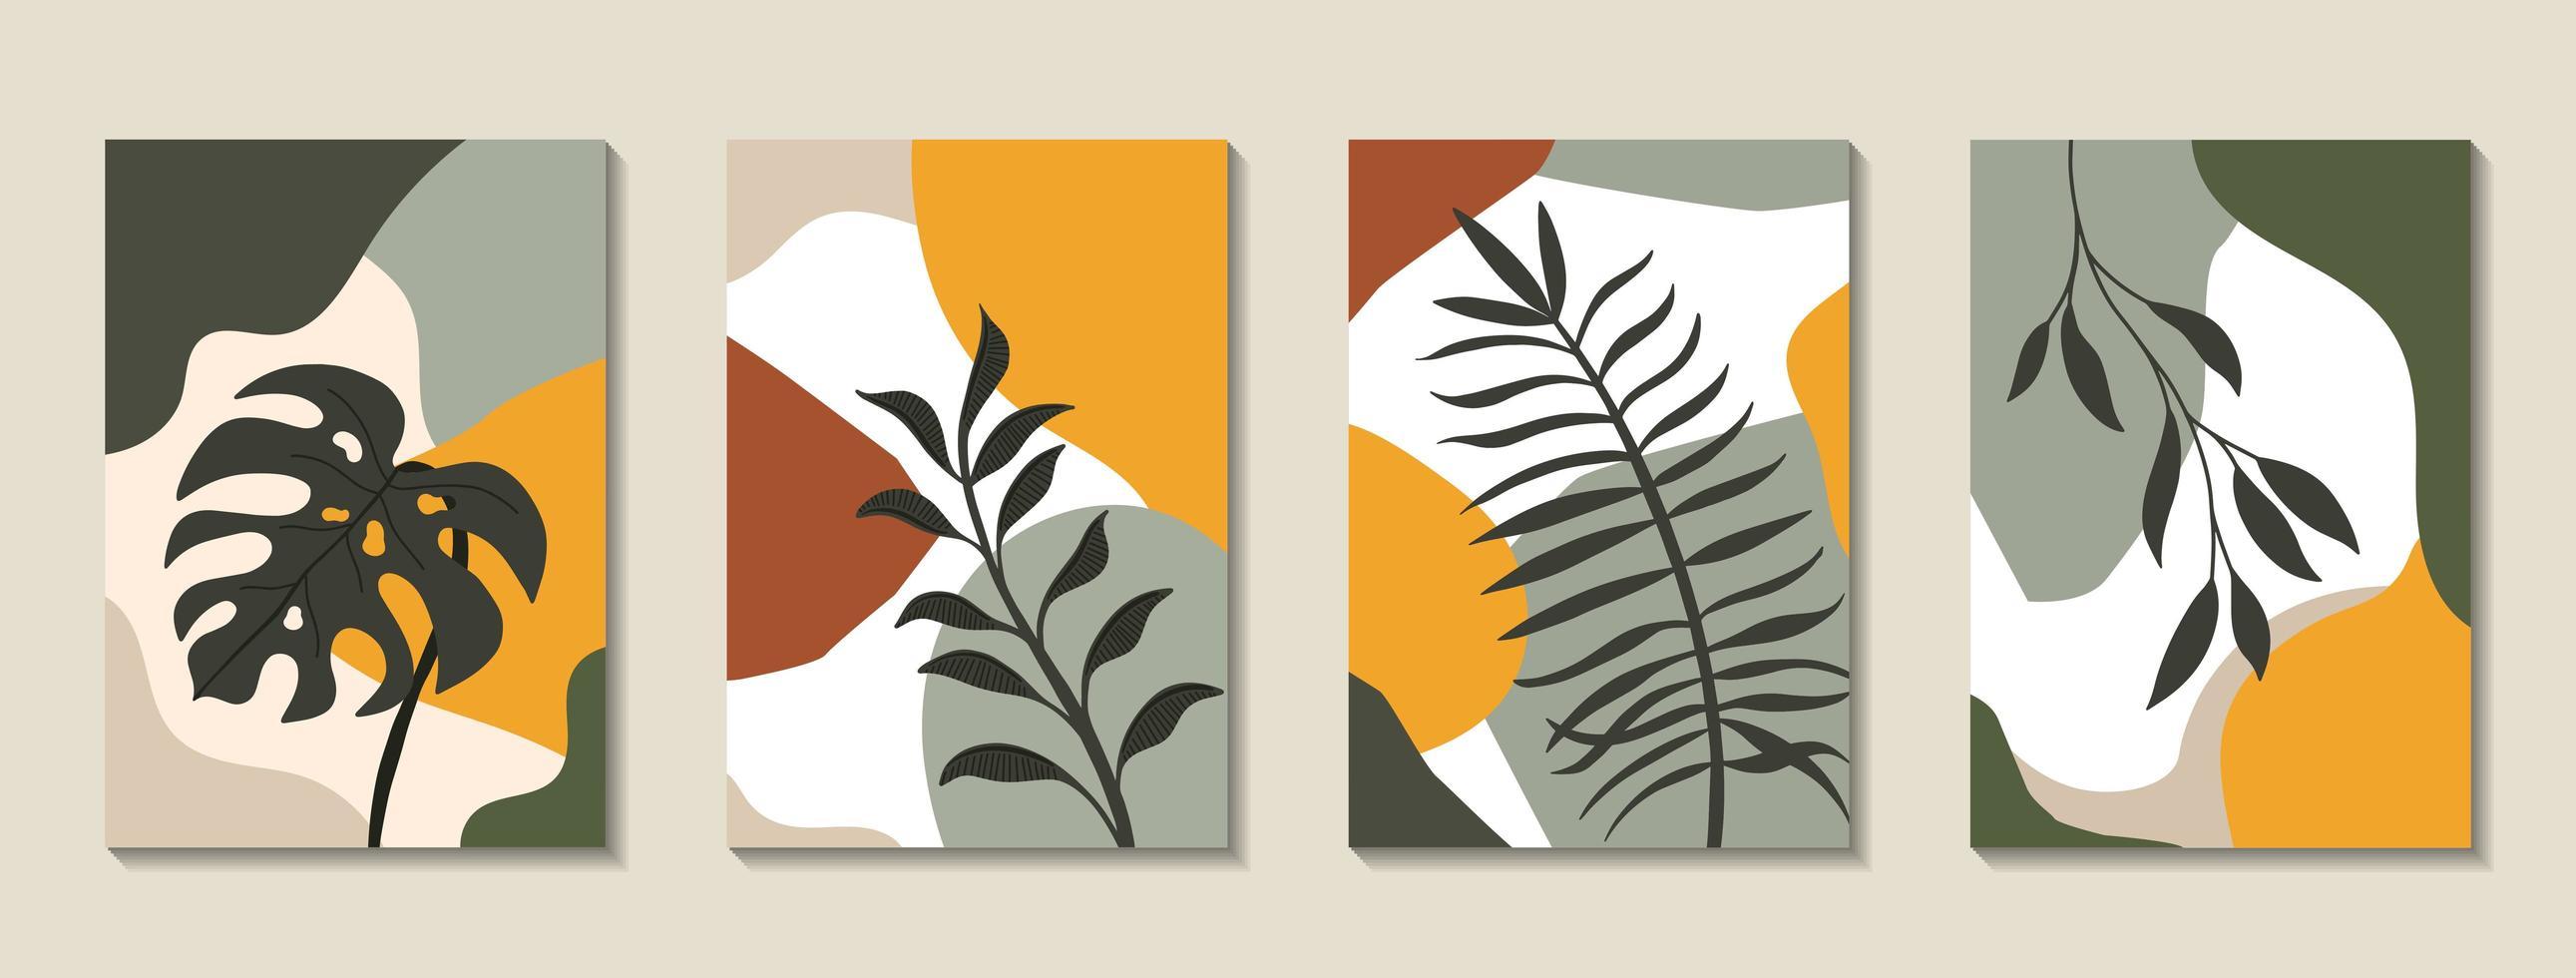 ensemble d'affiches avec des feuilles tropicales et des formes abstraites vecteur